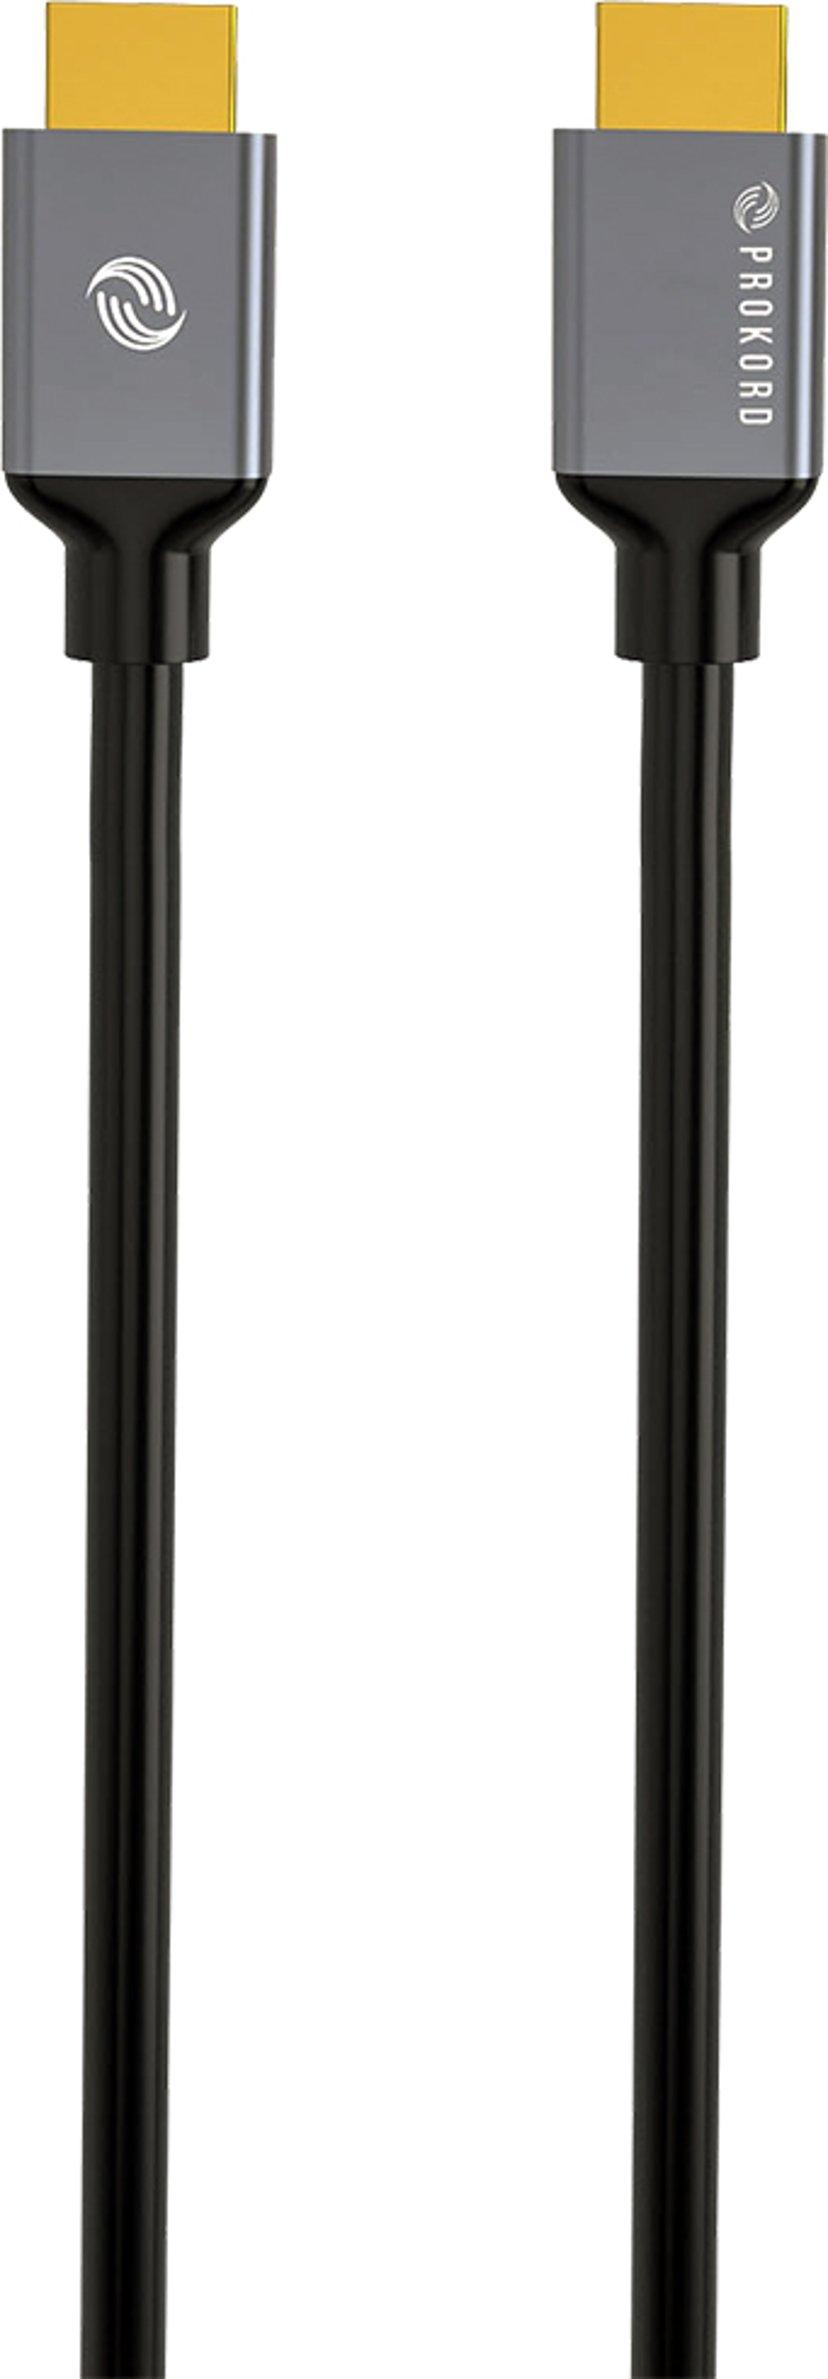 Prokord Black HDMI 2.0 3.0m 3m HDMI Hann HDMI Hann